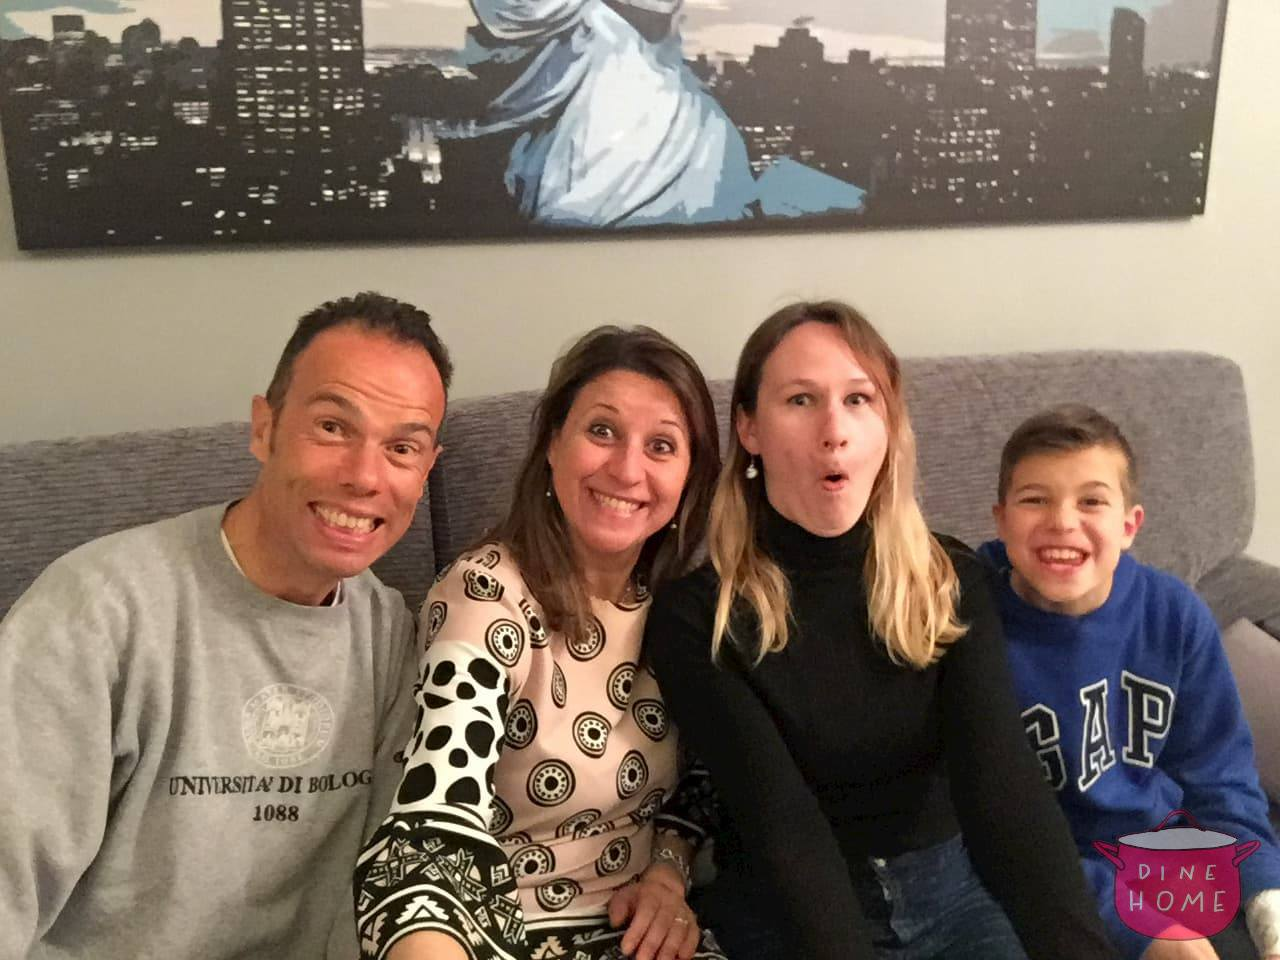 Celine, studentessa da UK, a cena dalla sua famiglia Dinehome.